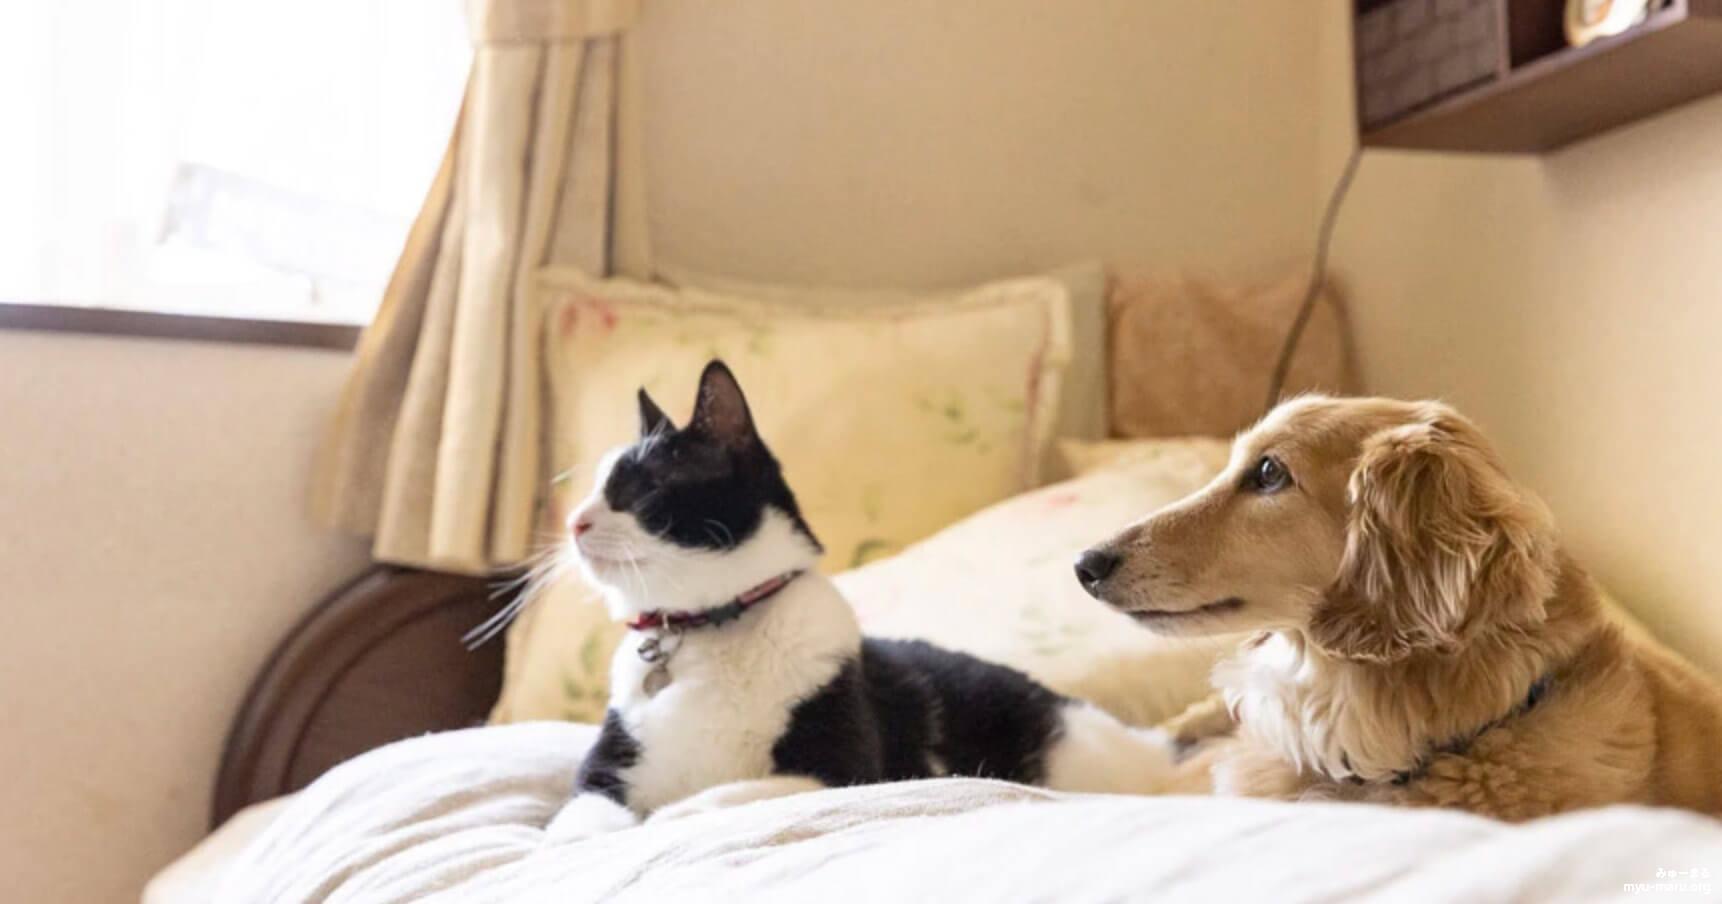 あなたの目となり足となる! 盲目の猫と飼育放棄されたダックス、種を越えた親子関係